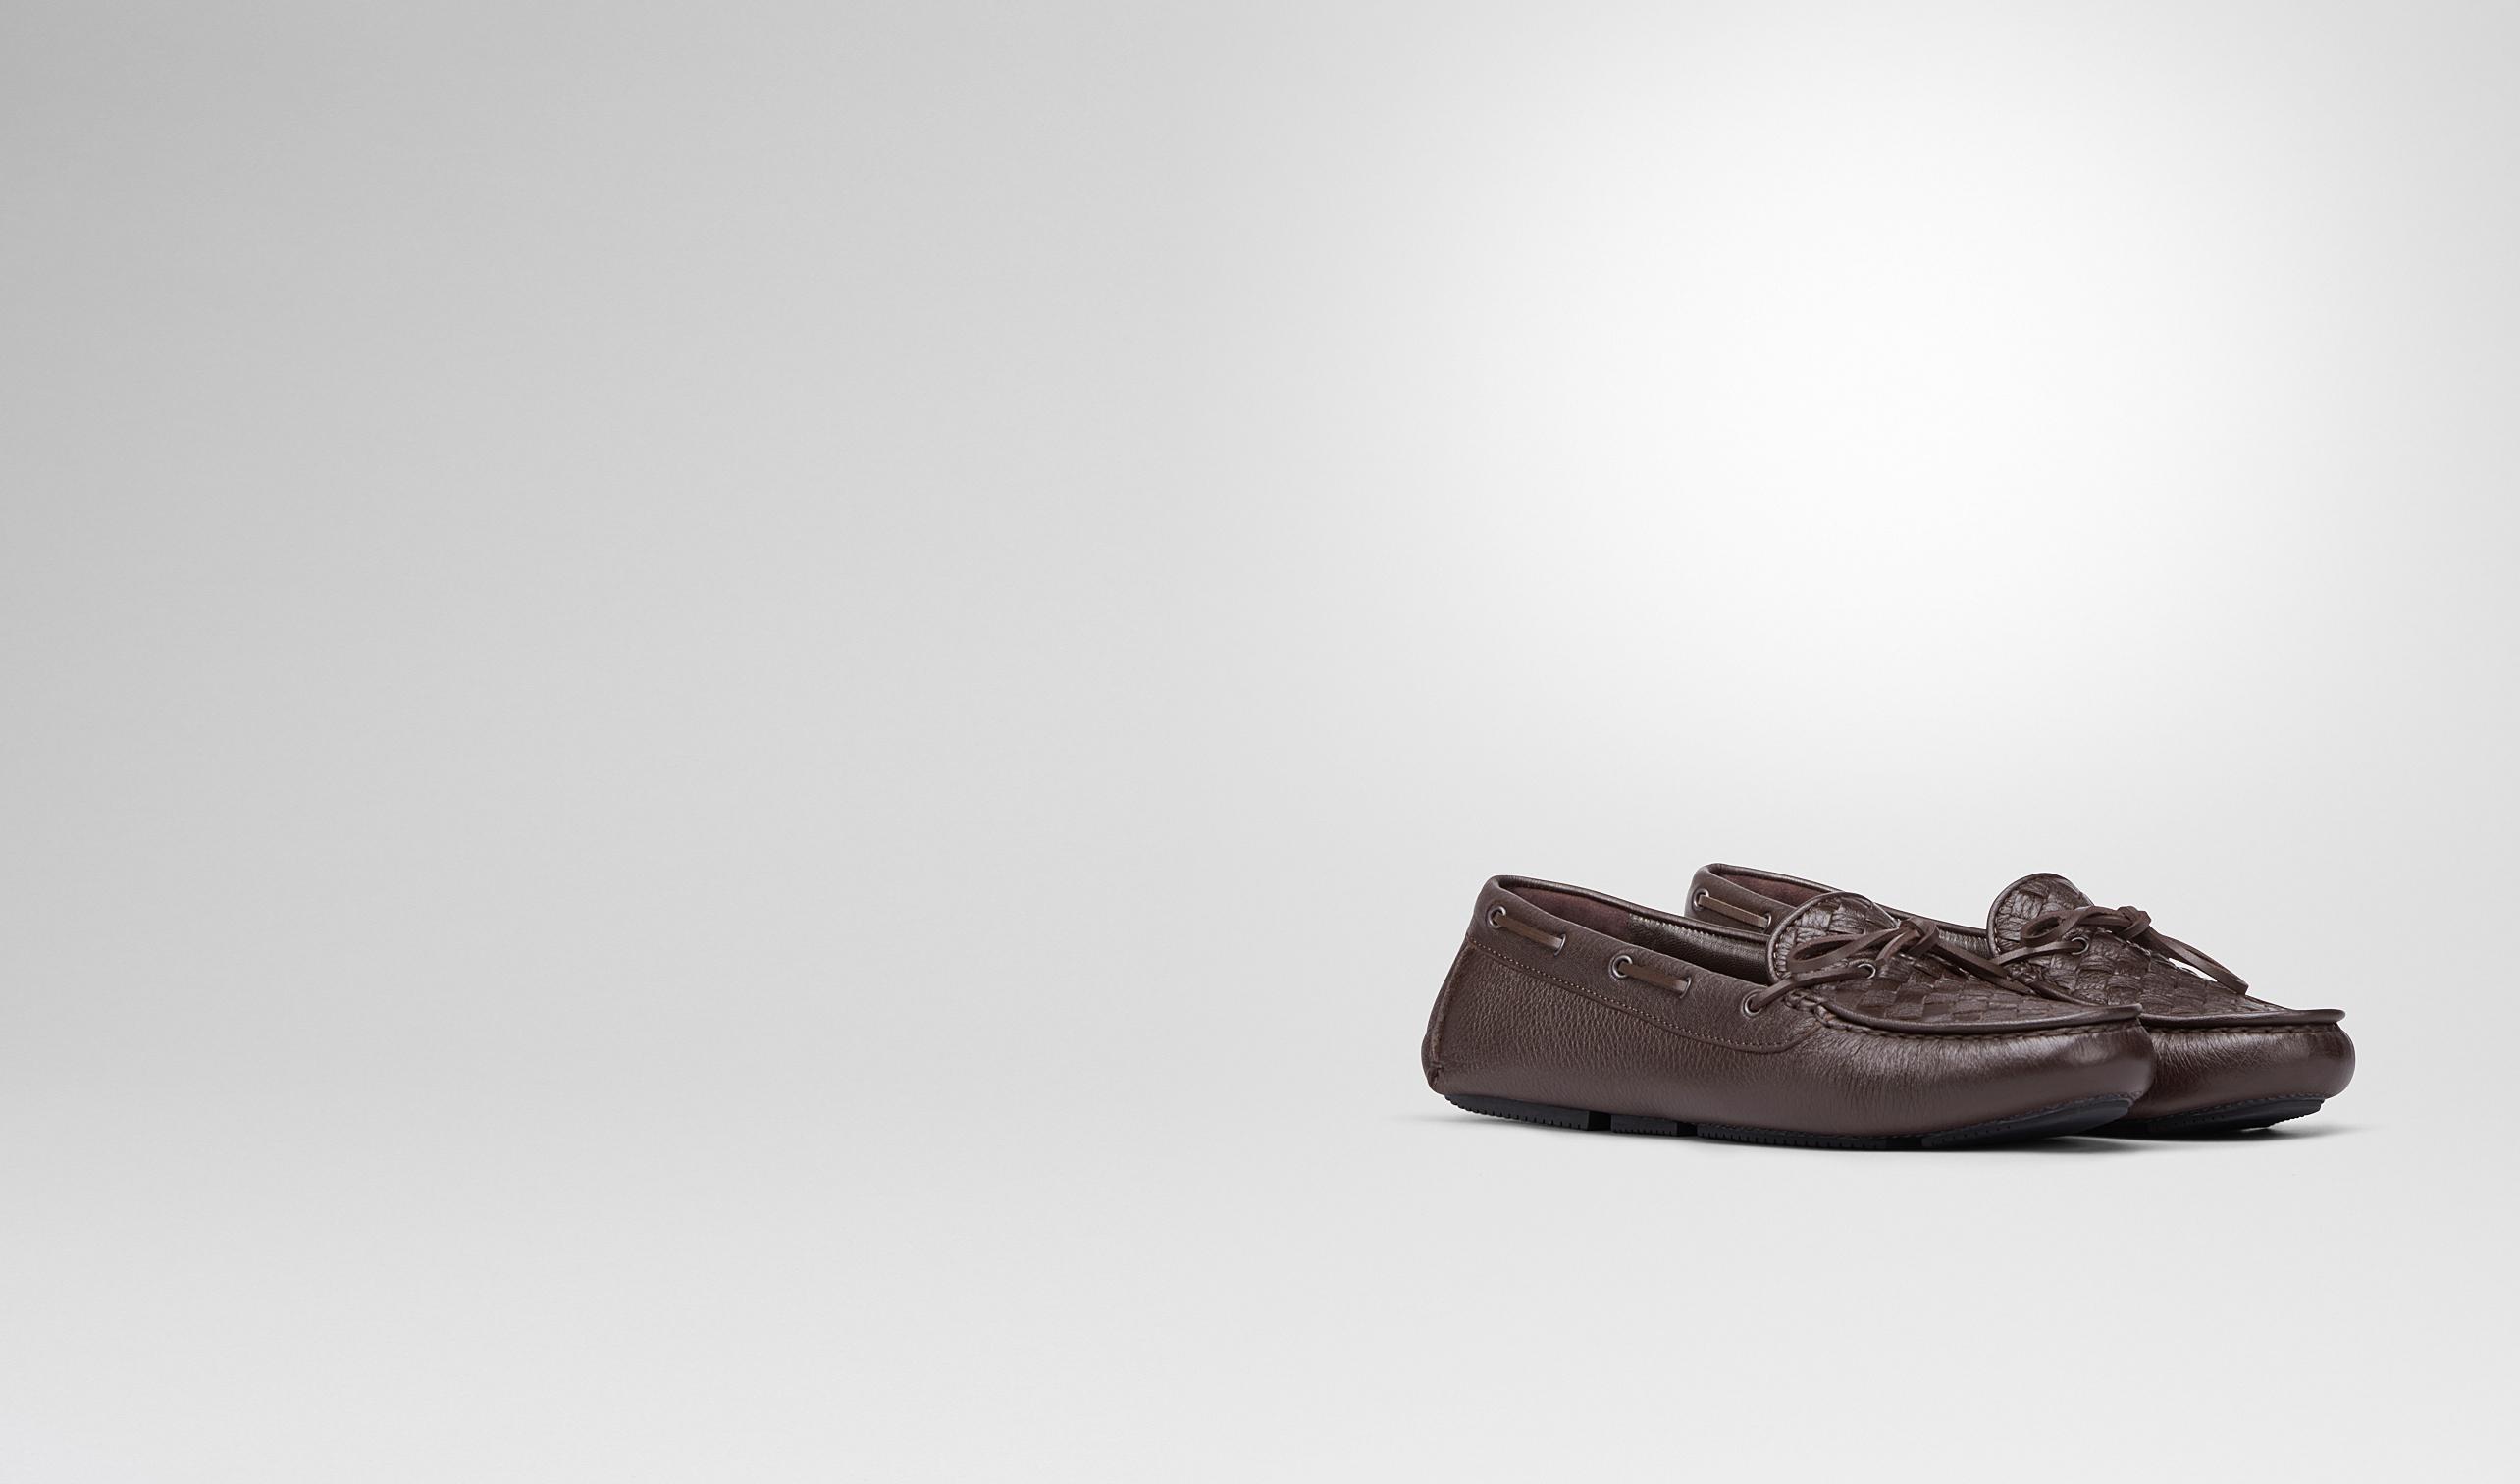 BOTTEGA VENETA Chaussure plate D Mocassin en cuir de CERVO délavé intrecciato espresso pl